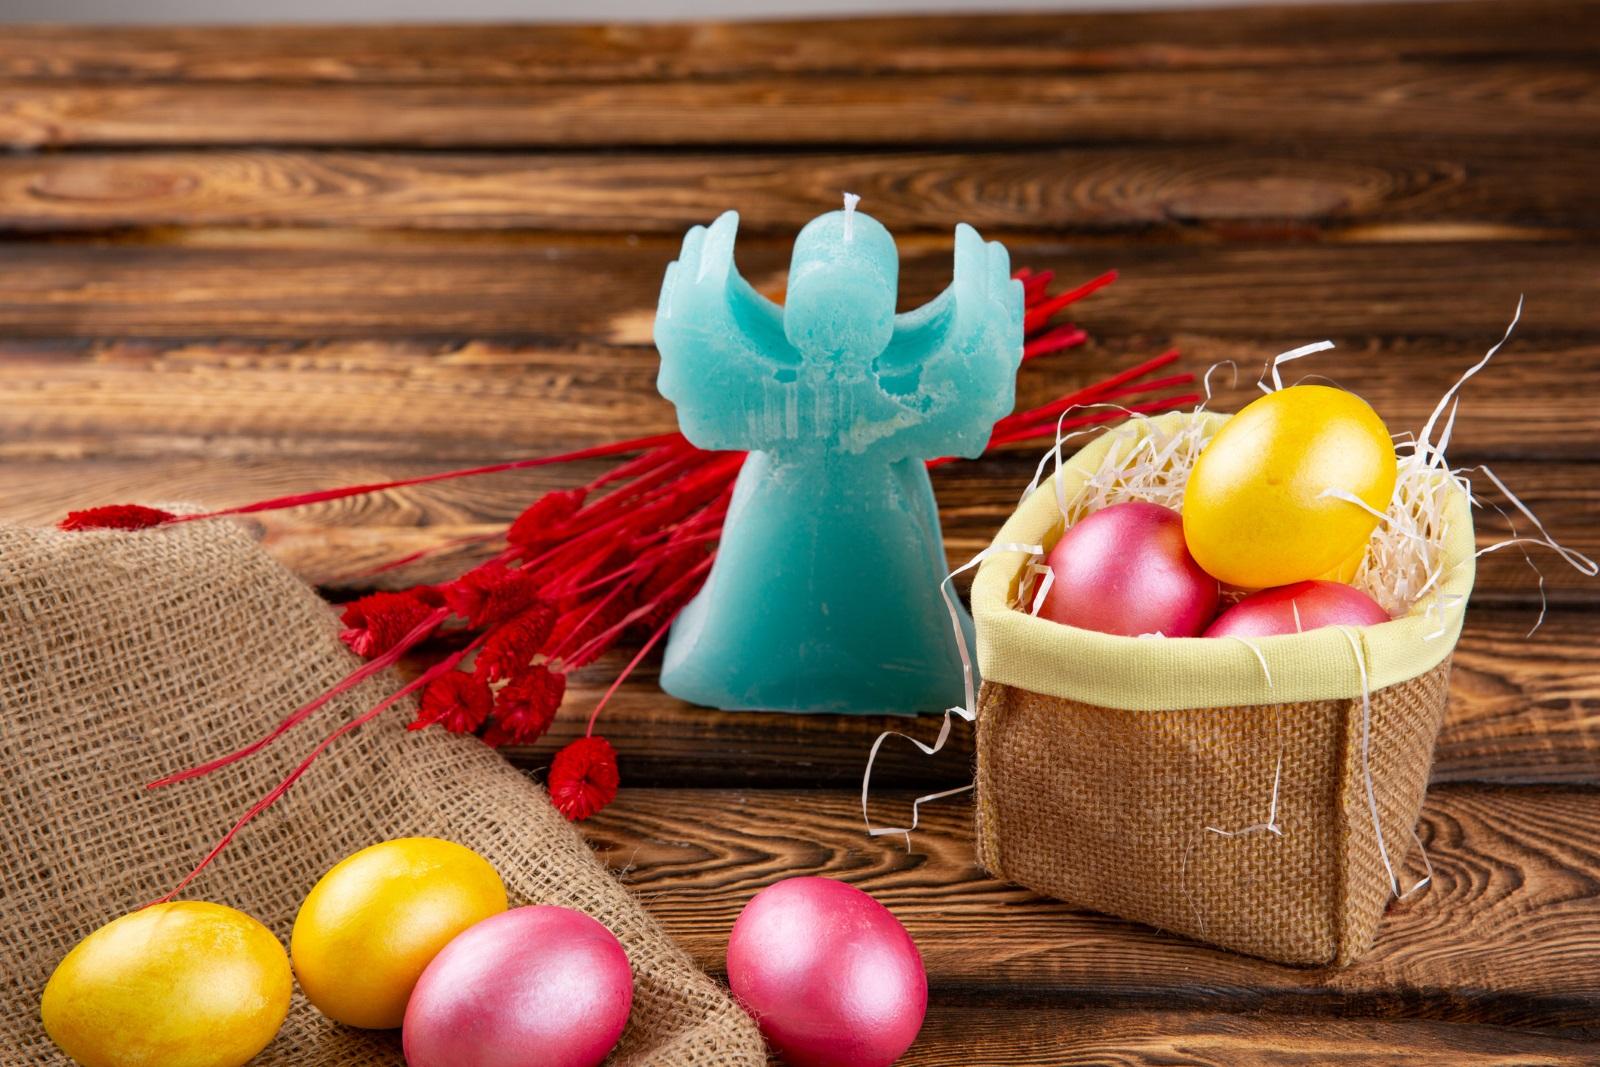 Свещ от черупка на яйце<br /> Разстопете парафин (восък) на водна баня, като внимавайте котлонът да не е твърде силен. На дъното на черупката залепете с малко восък фитила, след това долейте от восъка с помощта на фуния. Може да добавите някакъв ароматизатор. Подредете свещичките в кора от яйца и сте готови с още една страхотна идея за декорация на масата.